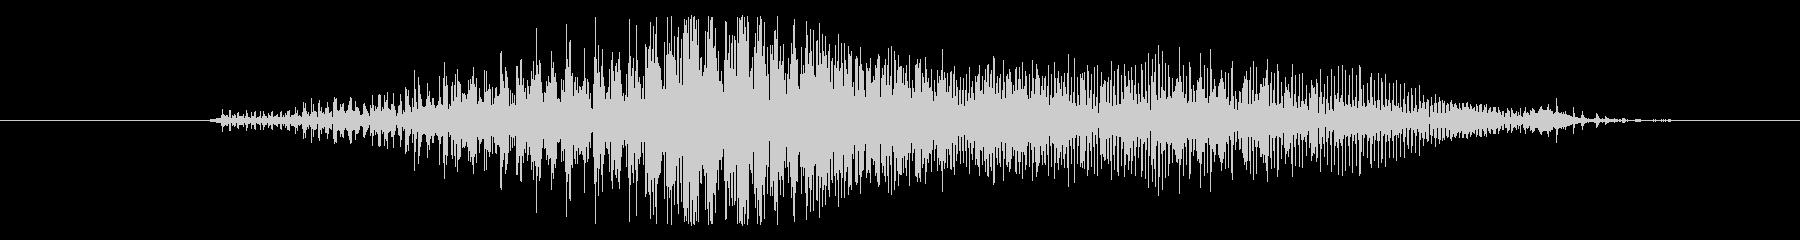 モンスター ペインフルクライハイ18の未再生の波形